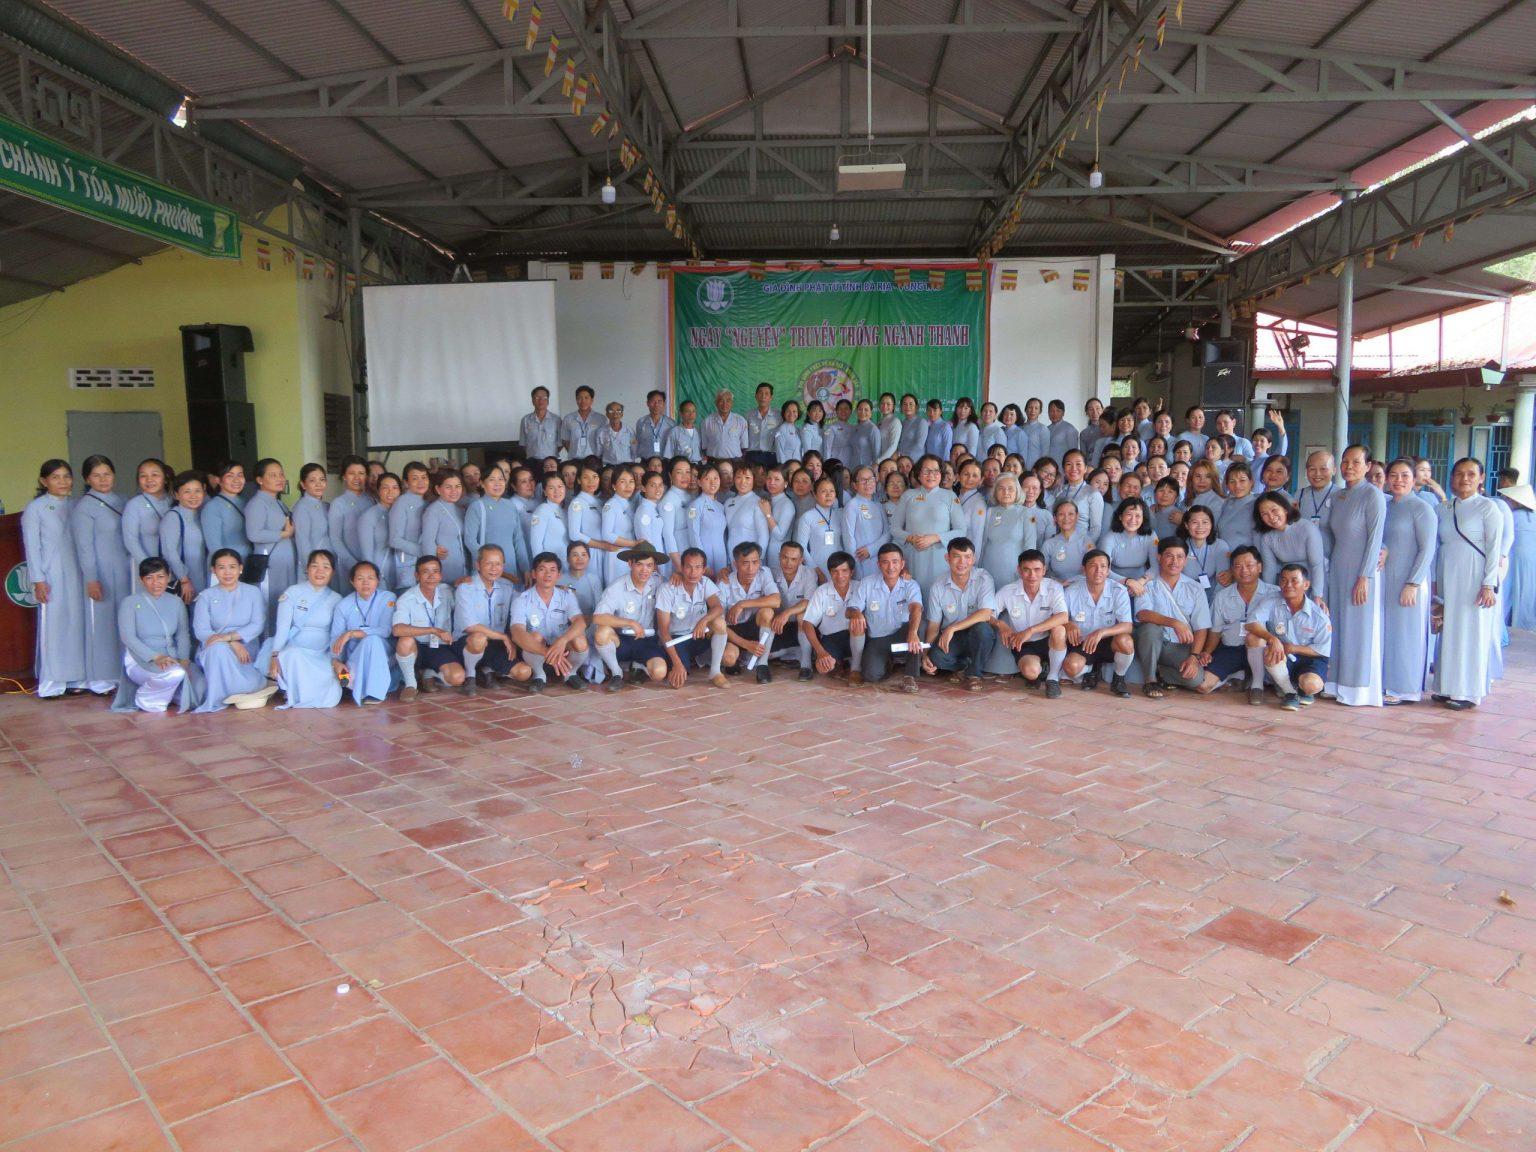 GĐPT Bà Rịa Vũng Tàu tổ chức ngành NGUYỆN truyền thống Ngành THANH